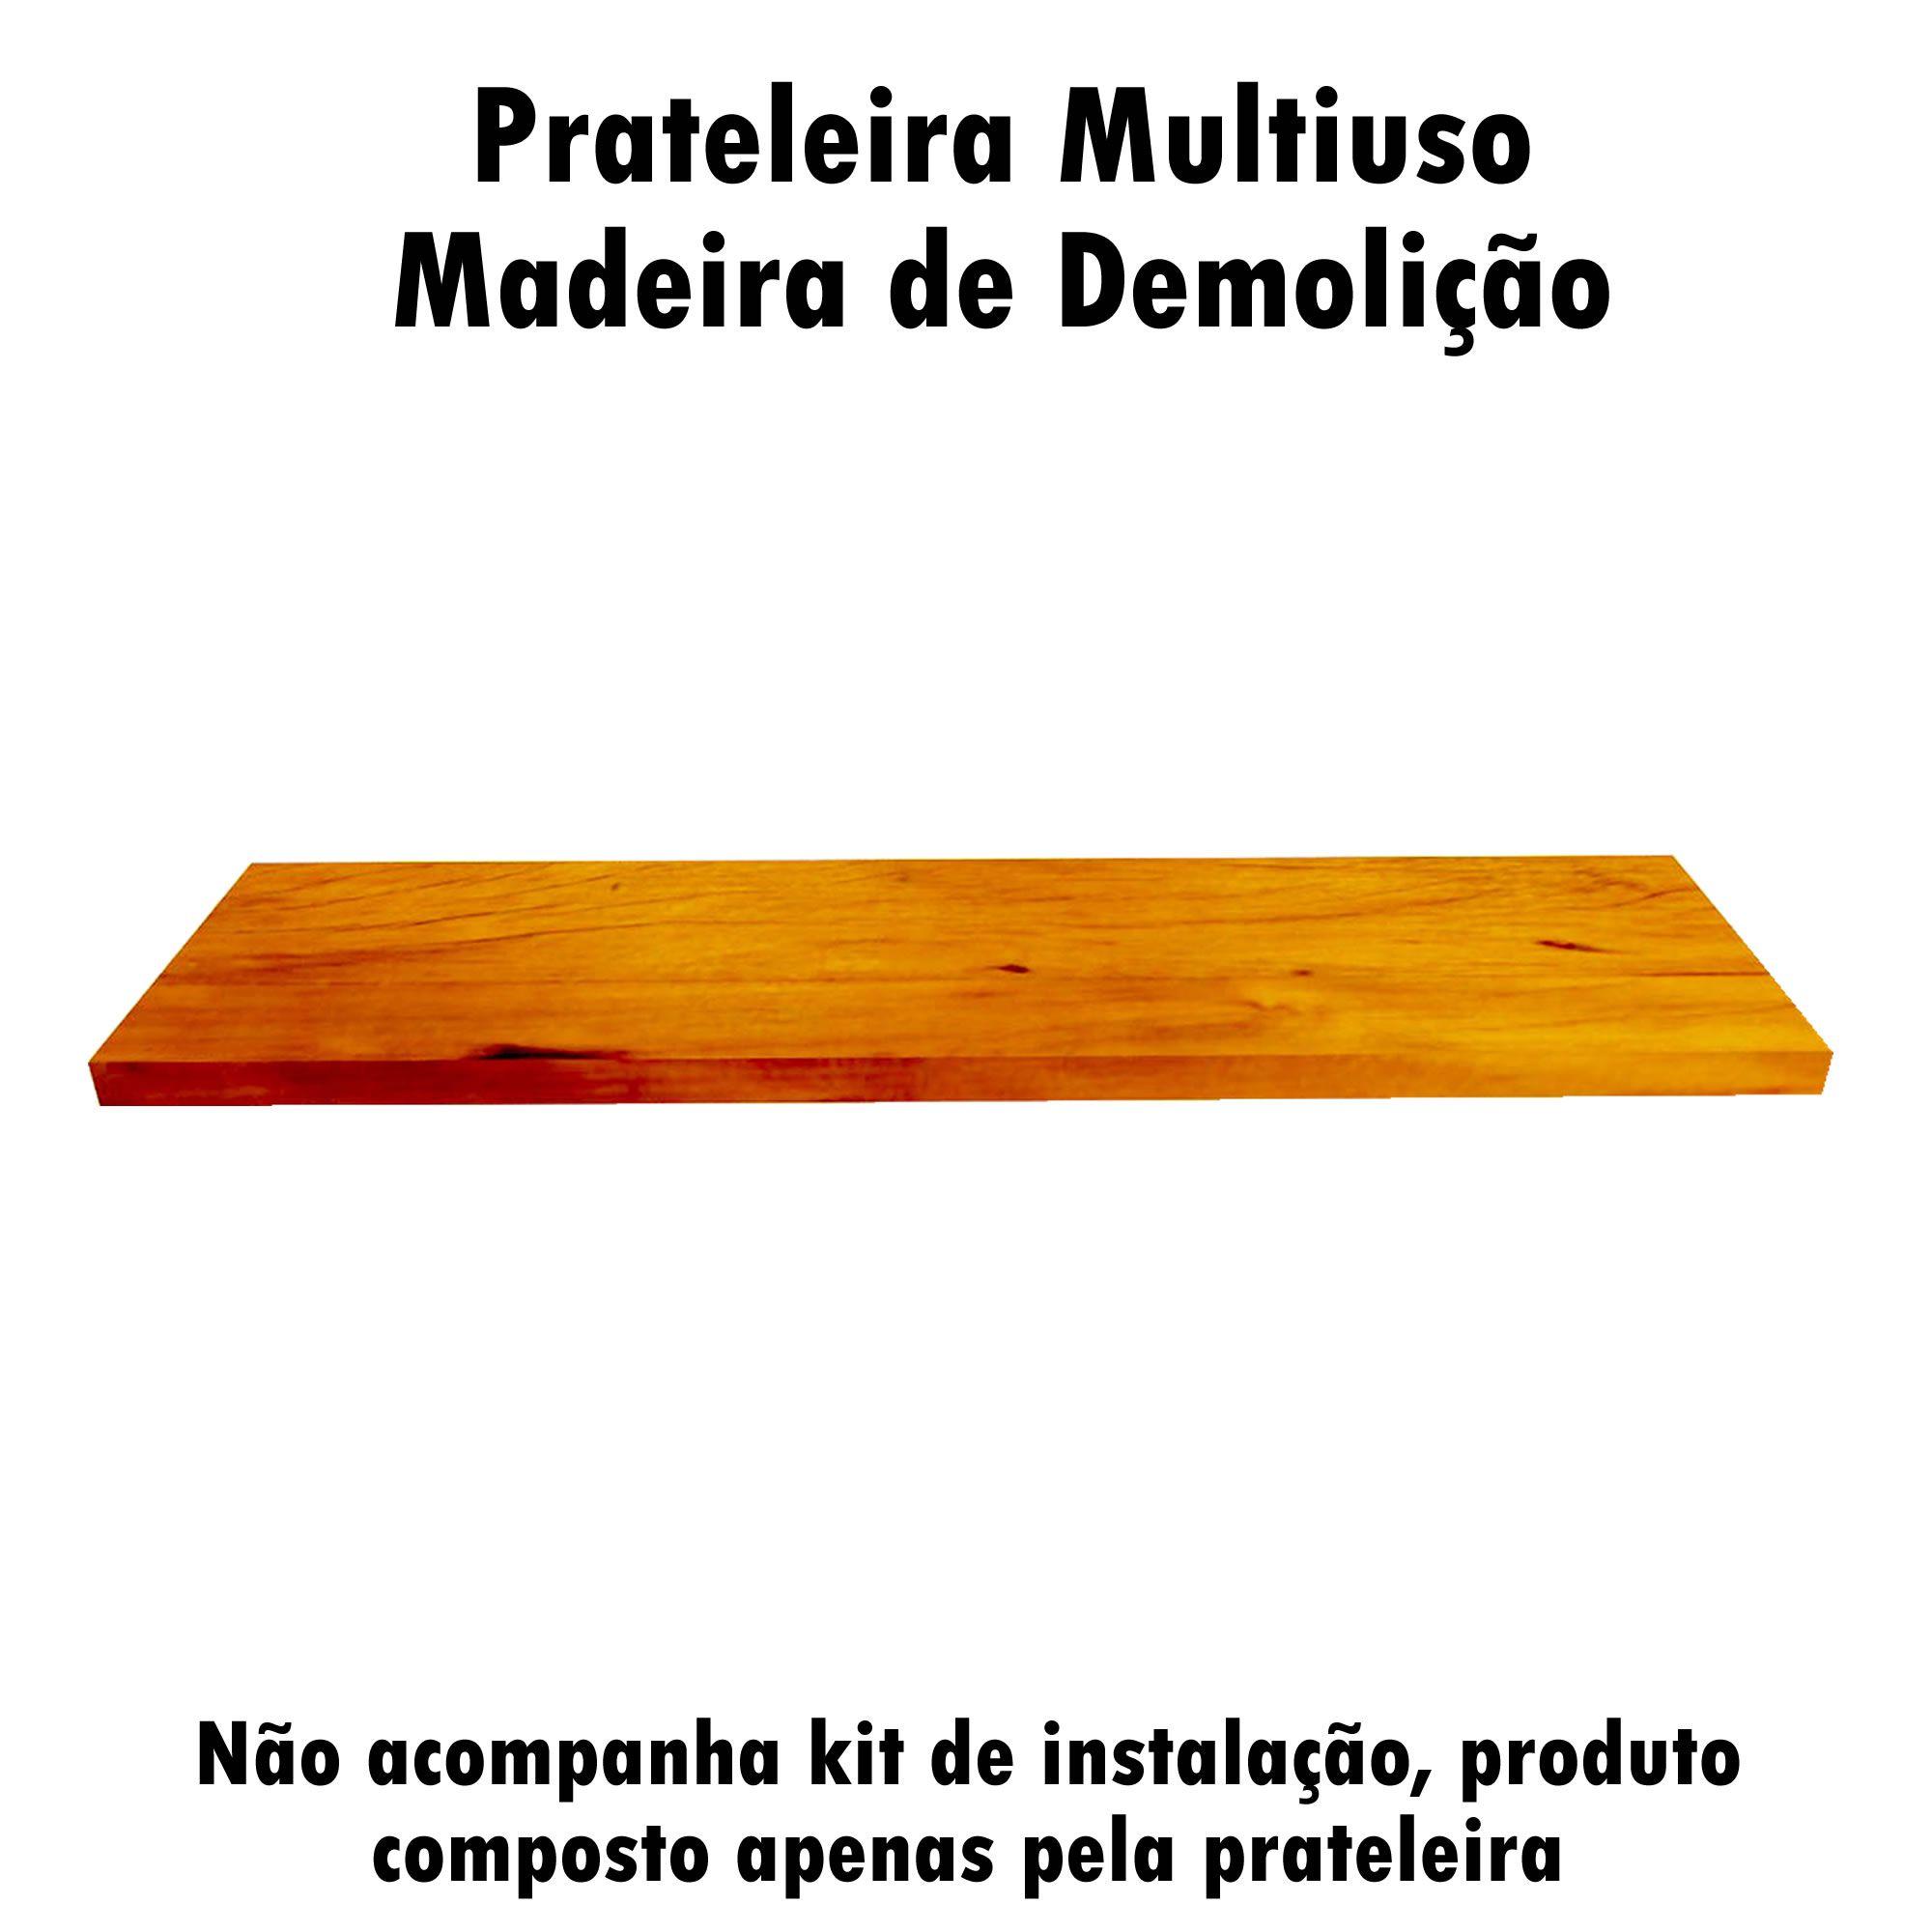 Prateleira Multiuso em Madeira De Demolição medindo 60x19x2